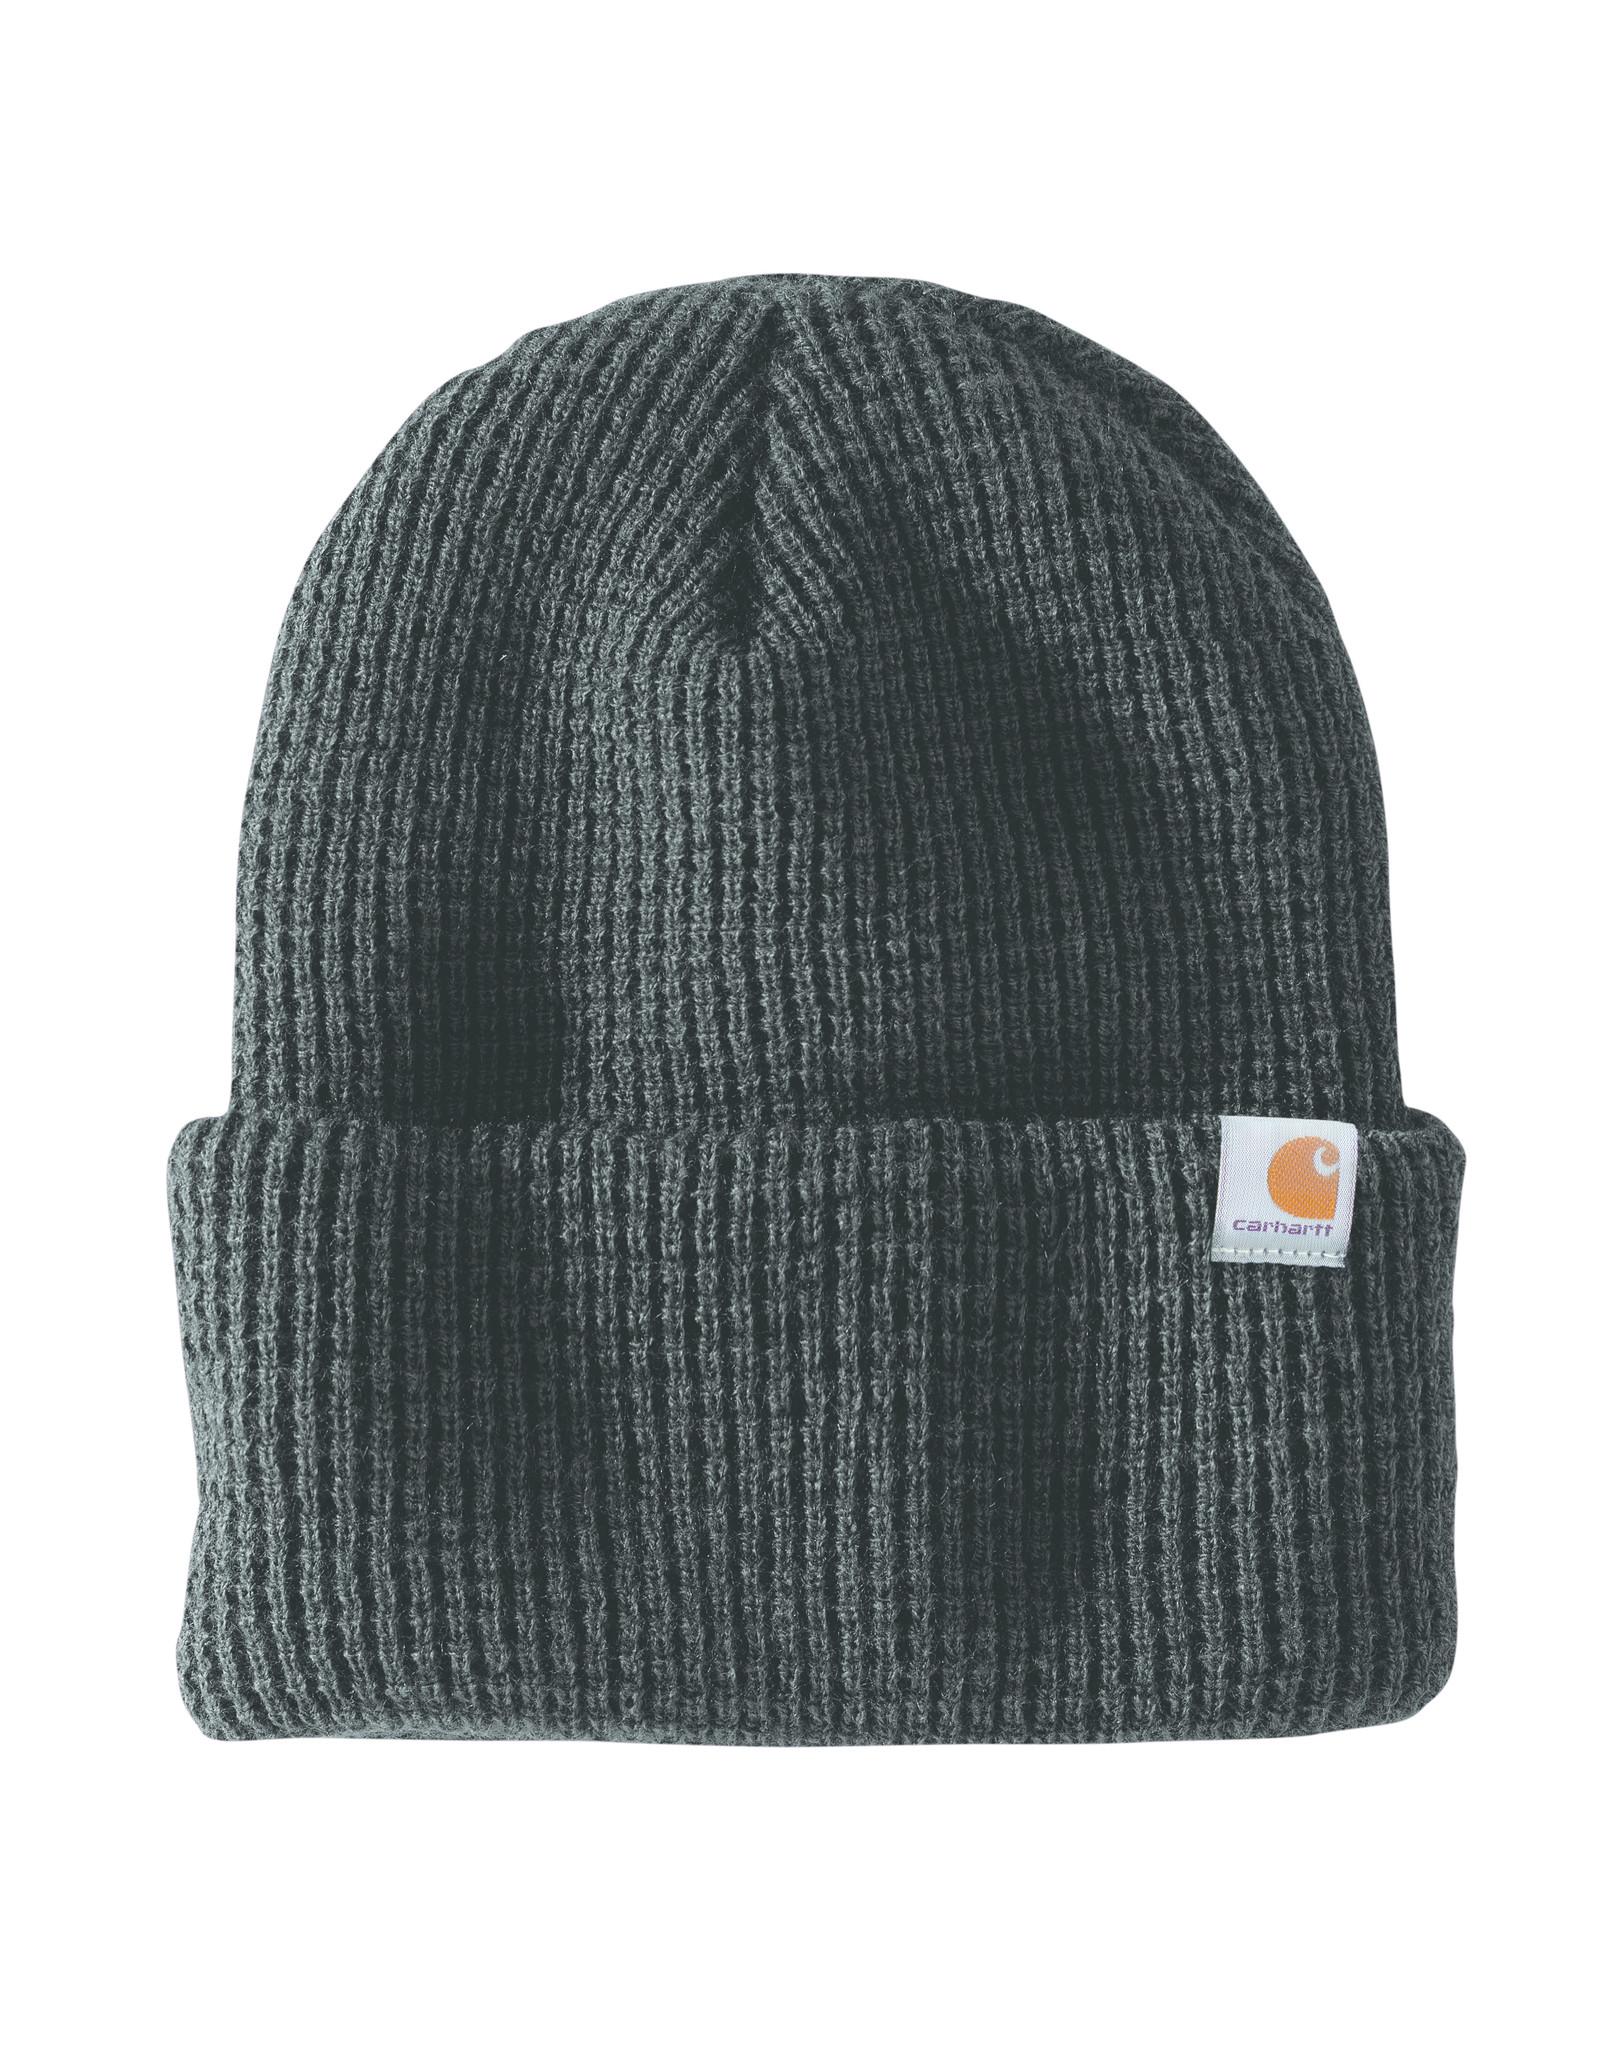 Carhartt Carhartt Woodside Hat - 4 Colors